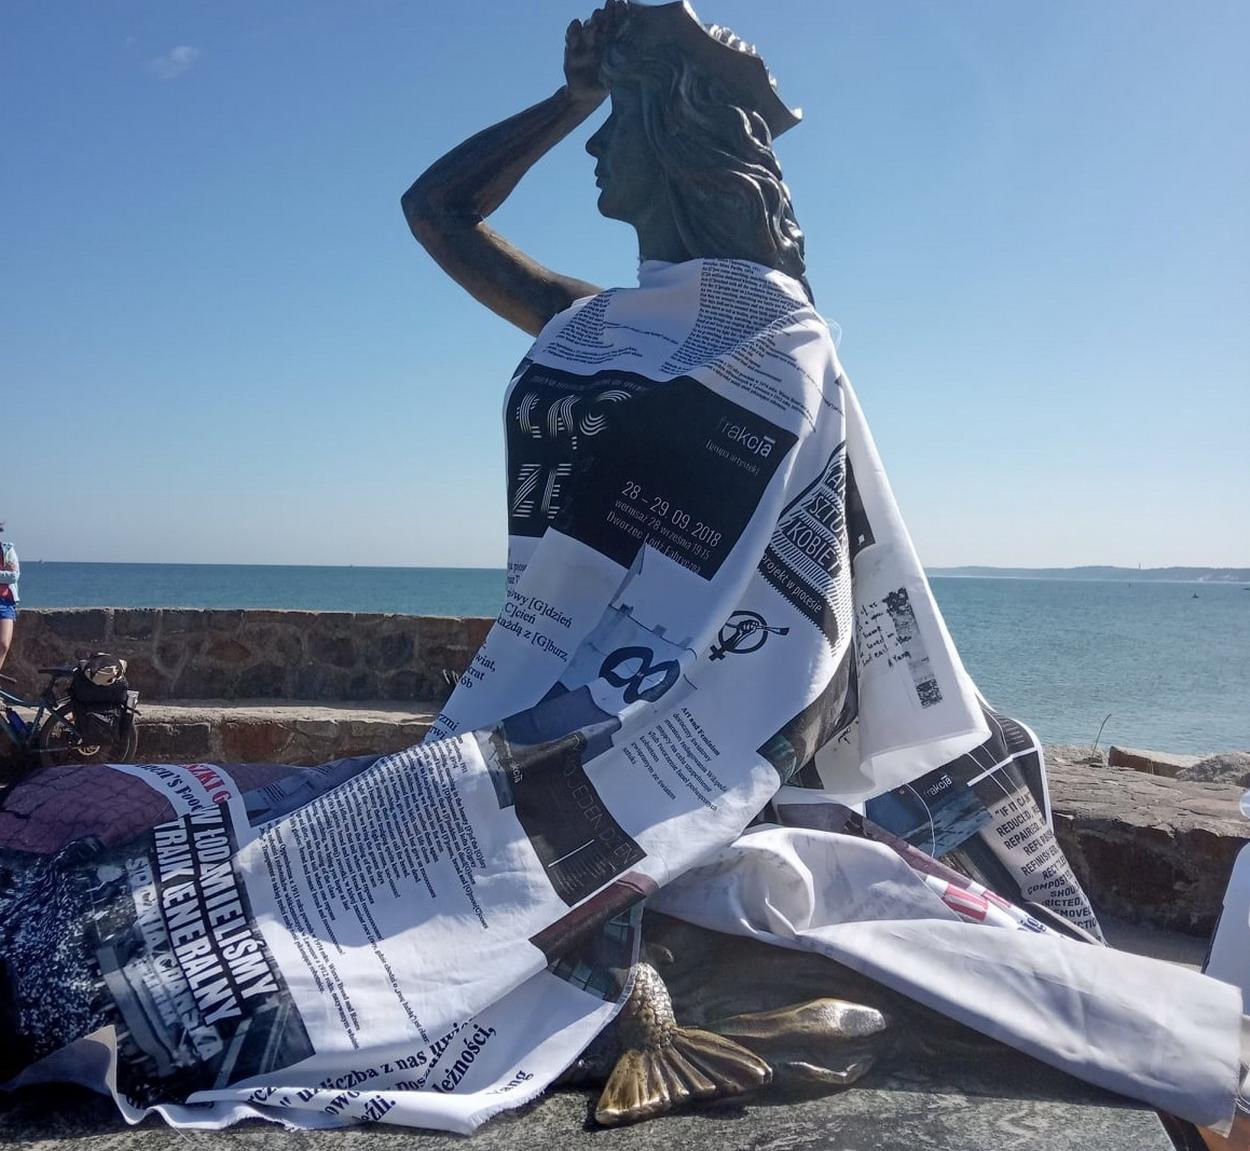 Artystki w dobie kryzysu. Plaża żeńska, czyli wystawa w ramach rezydencji artystycznej